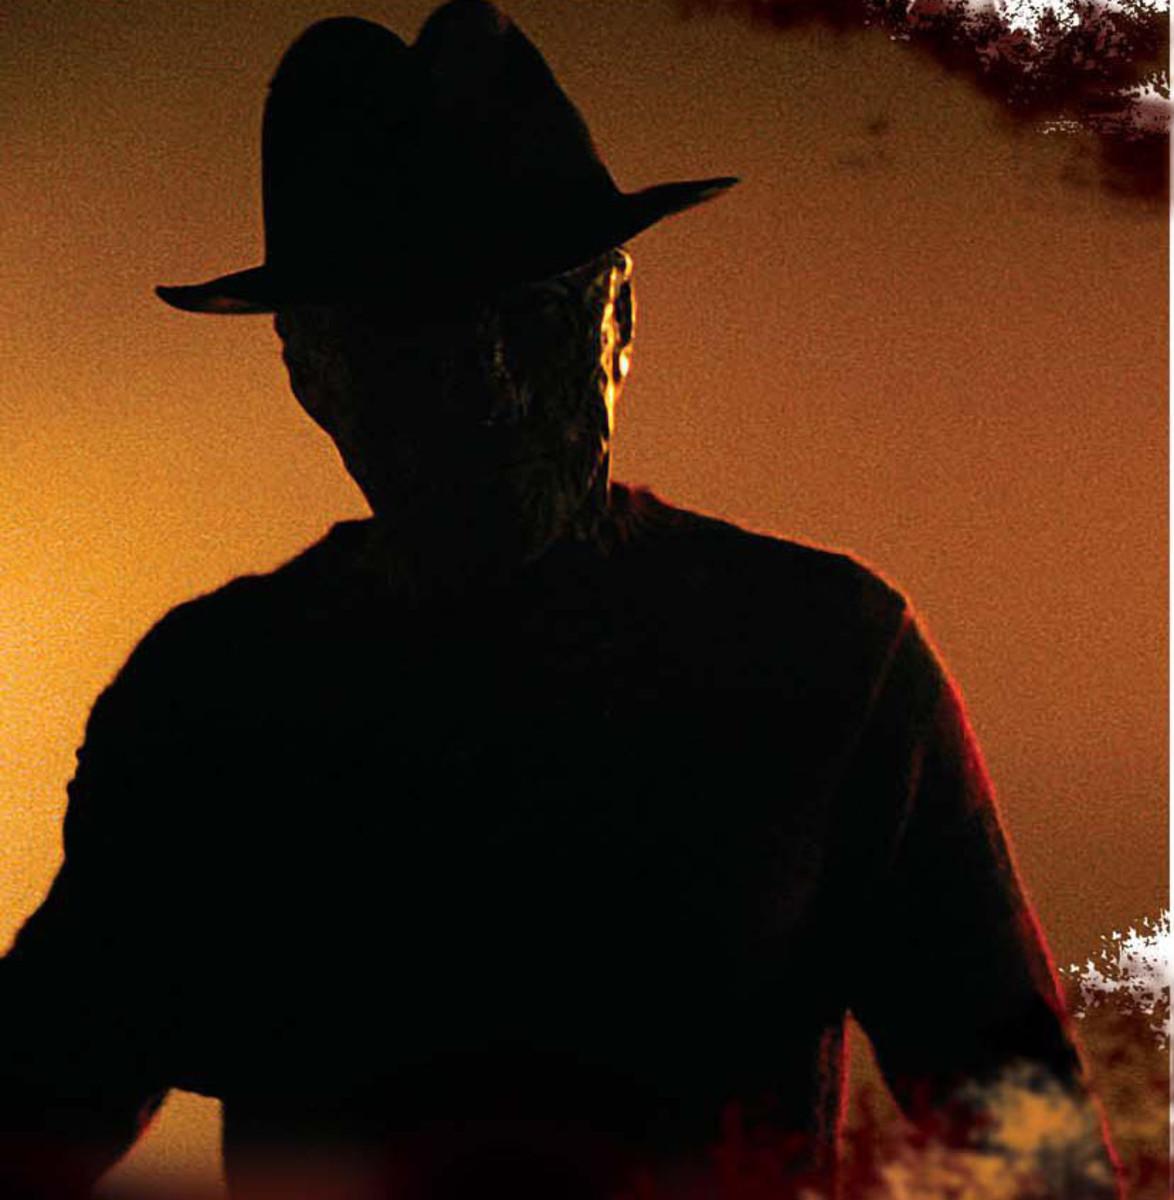 Jackie Earle Haley stars as Freddy Krueger in A Nightmare on Elm Street